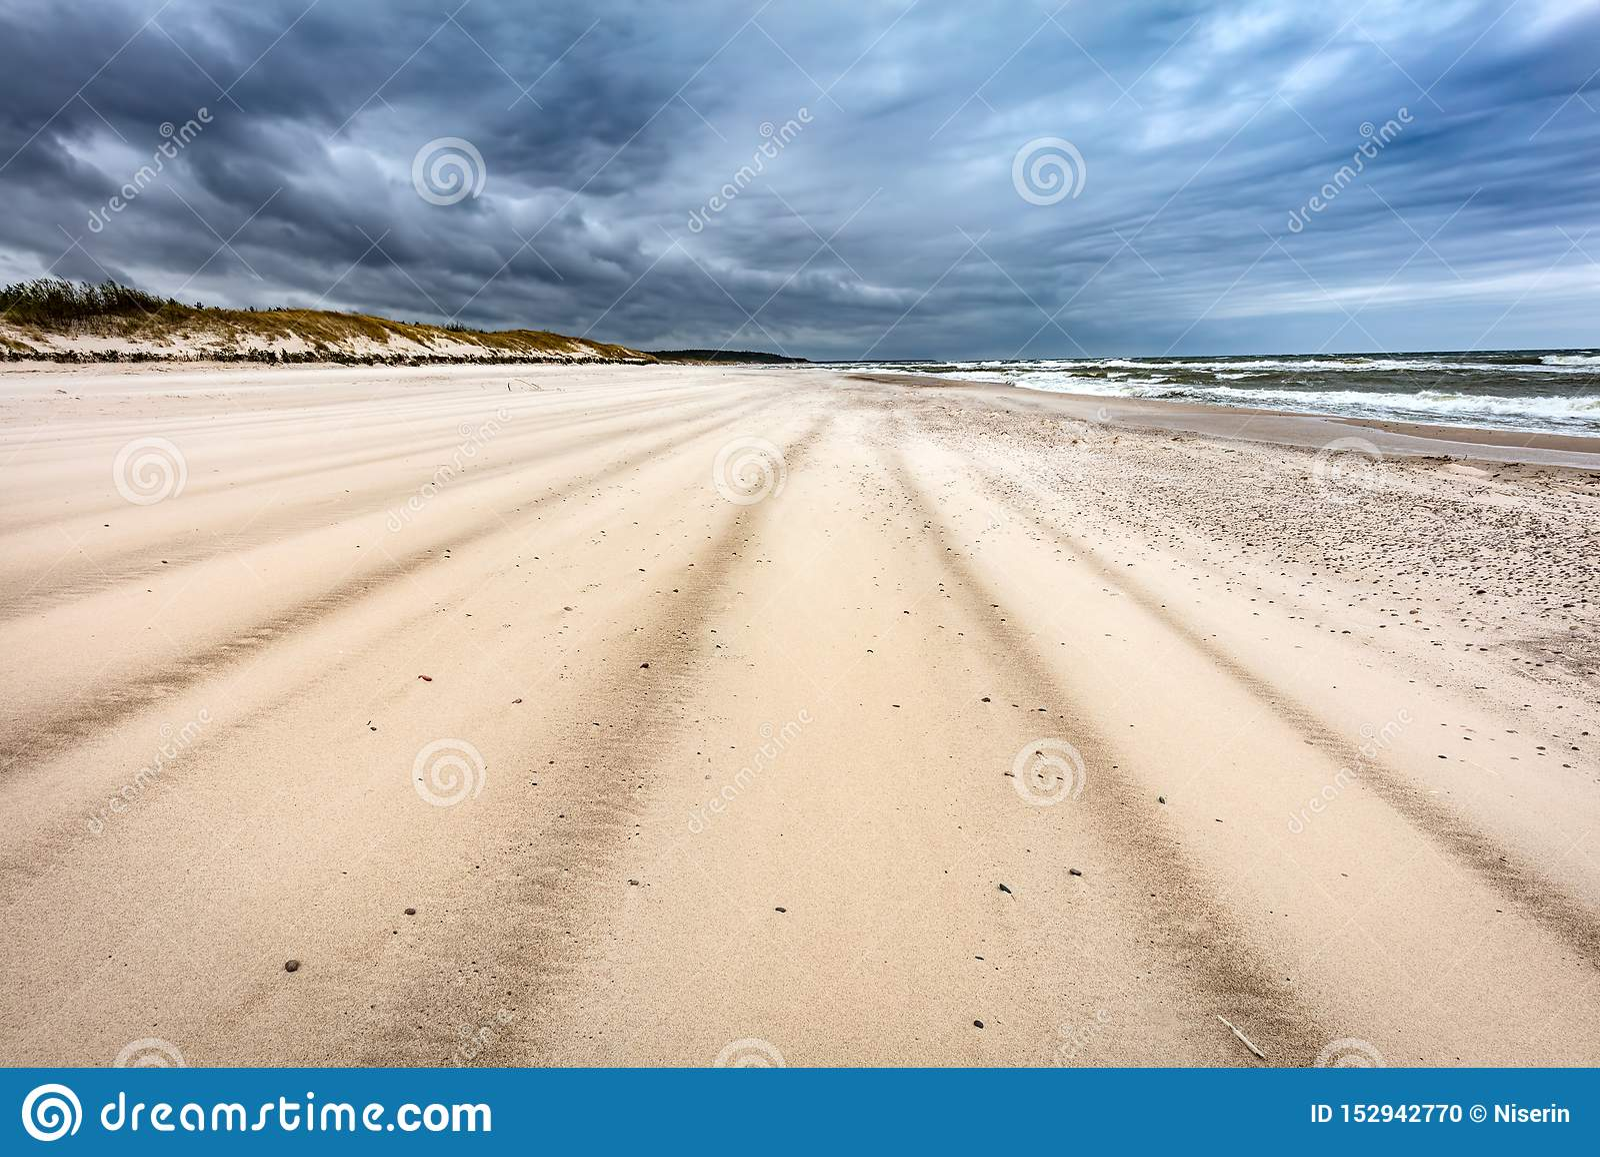 Plage sablonneuse le jour orageux par la mer